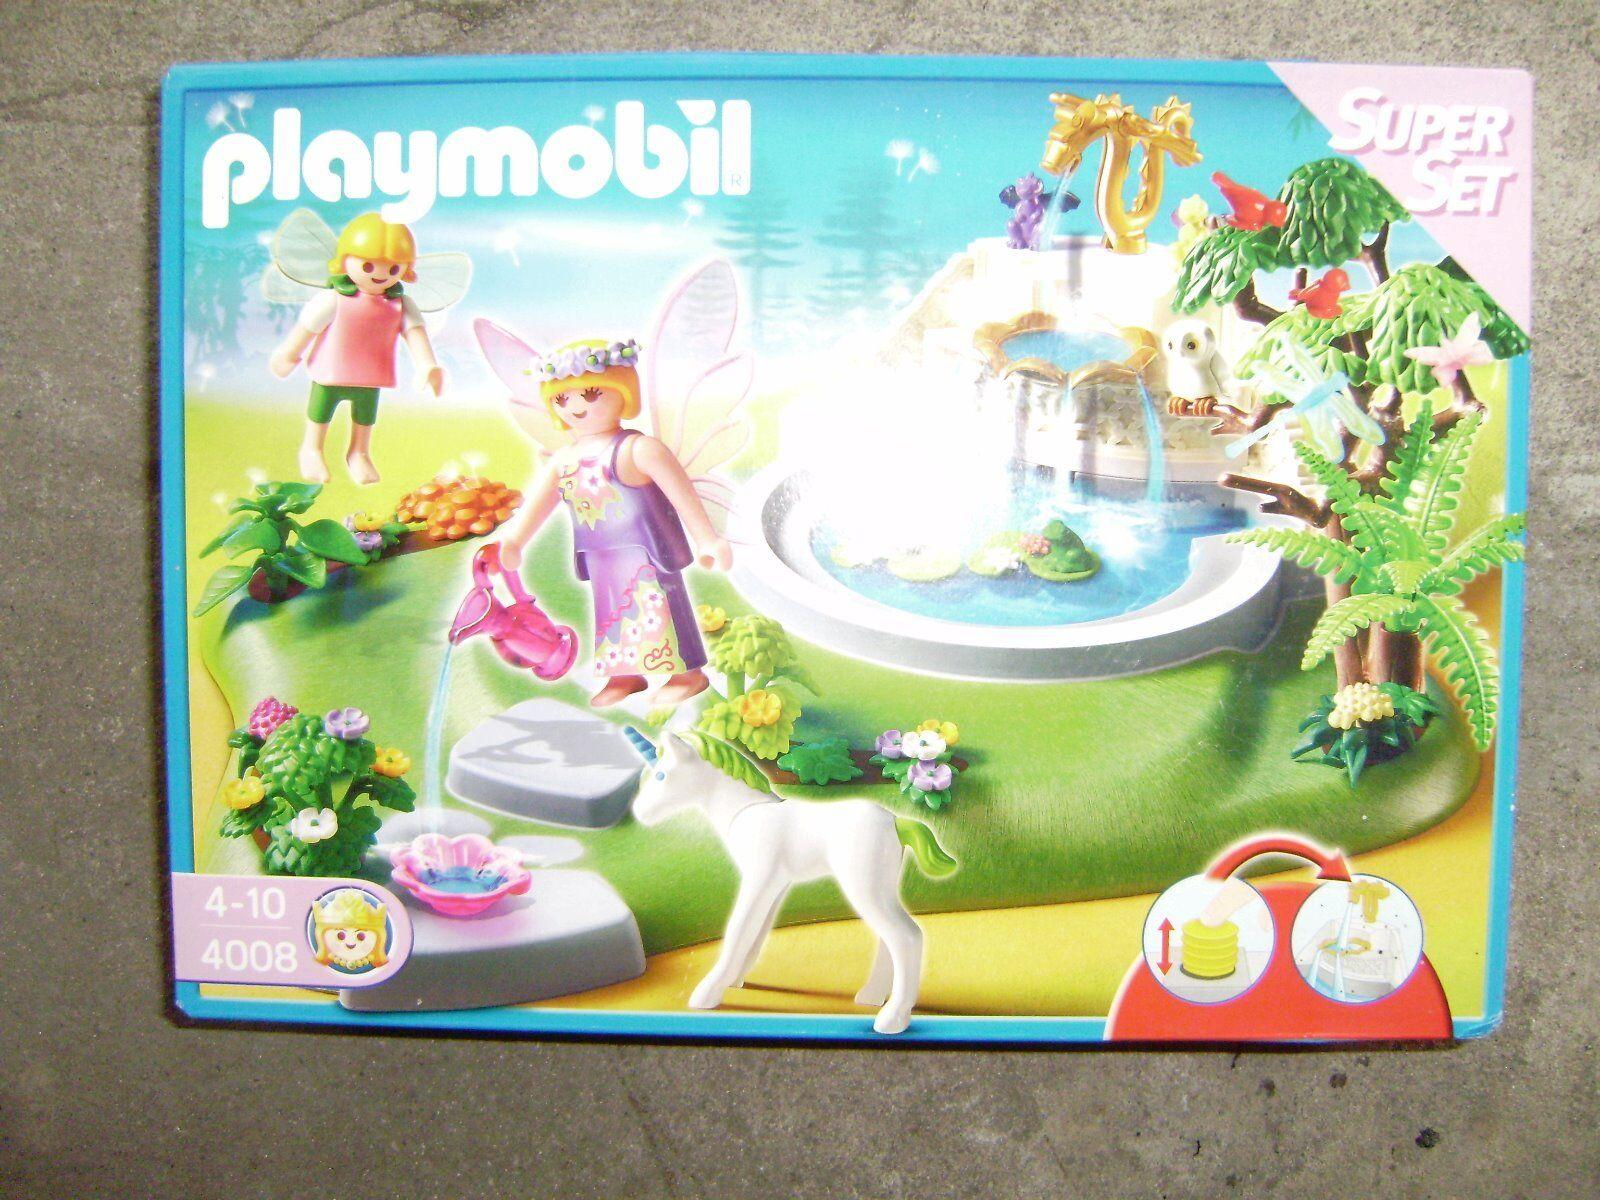 Playmobil 4008 Super Set Elfengarten mit Brunnen Mädchen